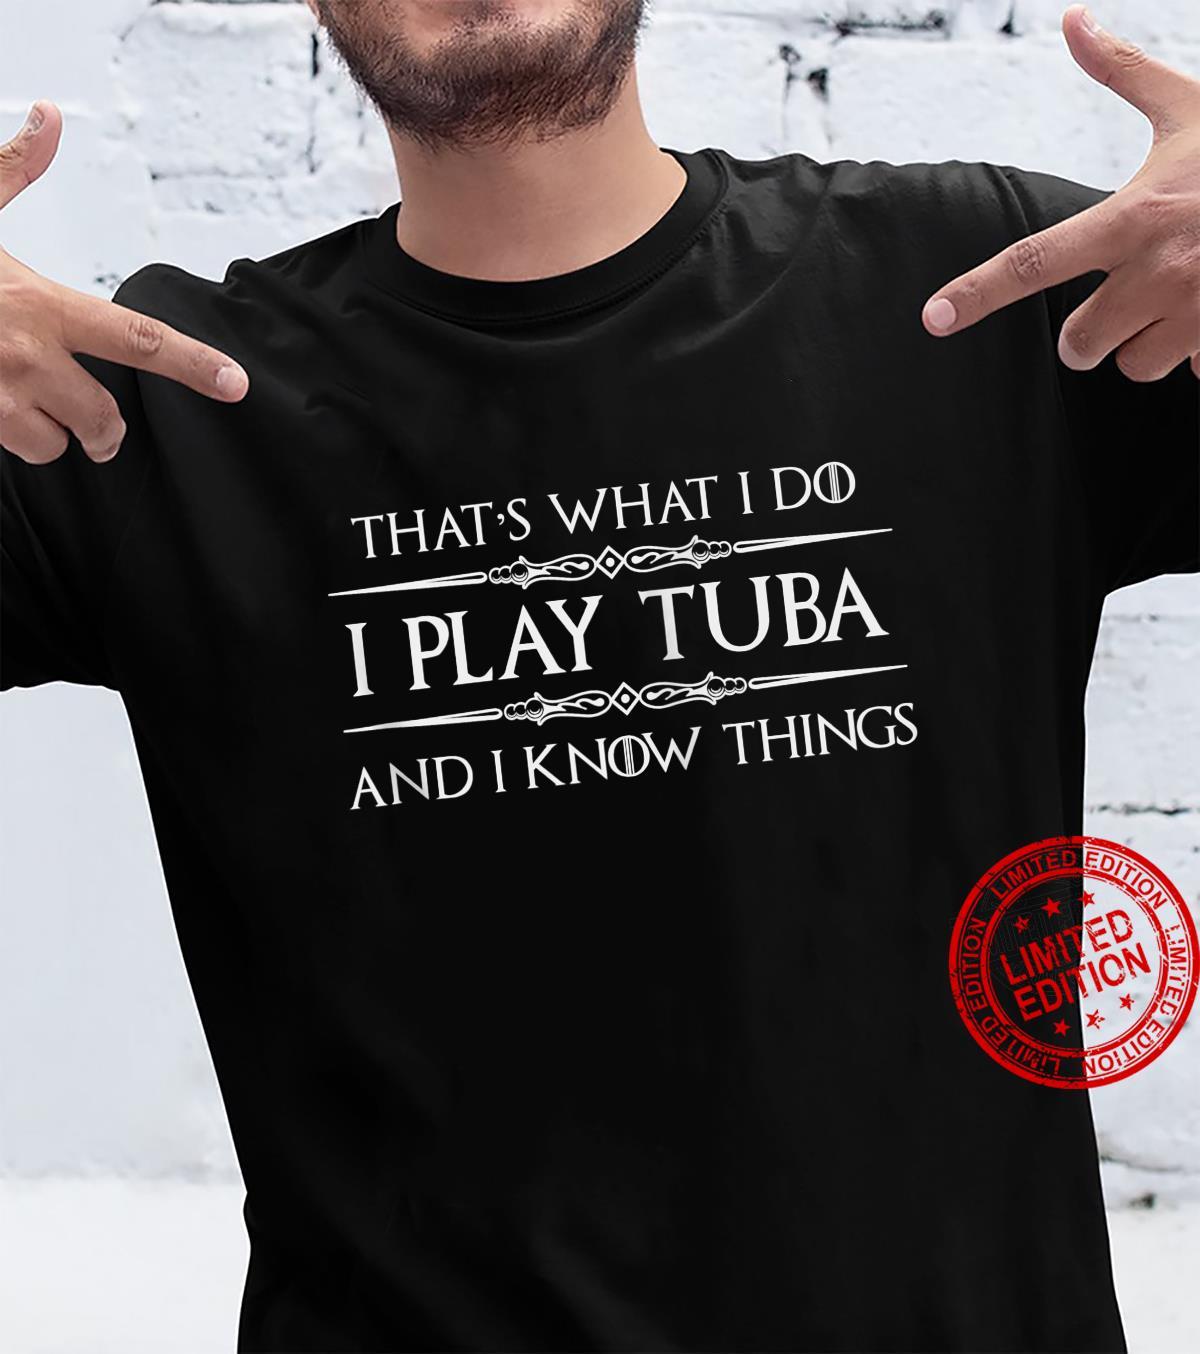 Tuba Player Gifts - I Play Tuba & I Know Things Shirt